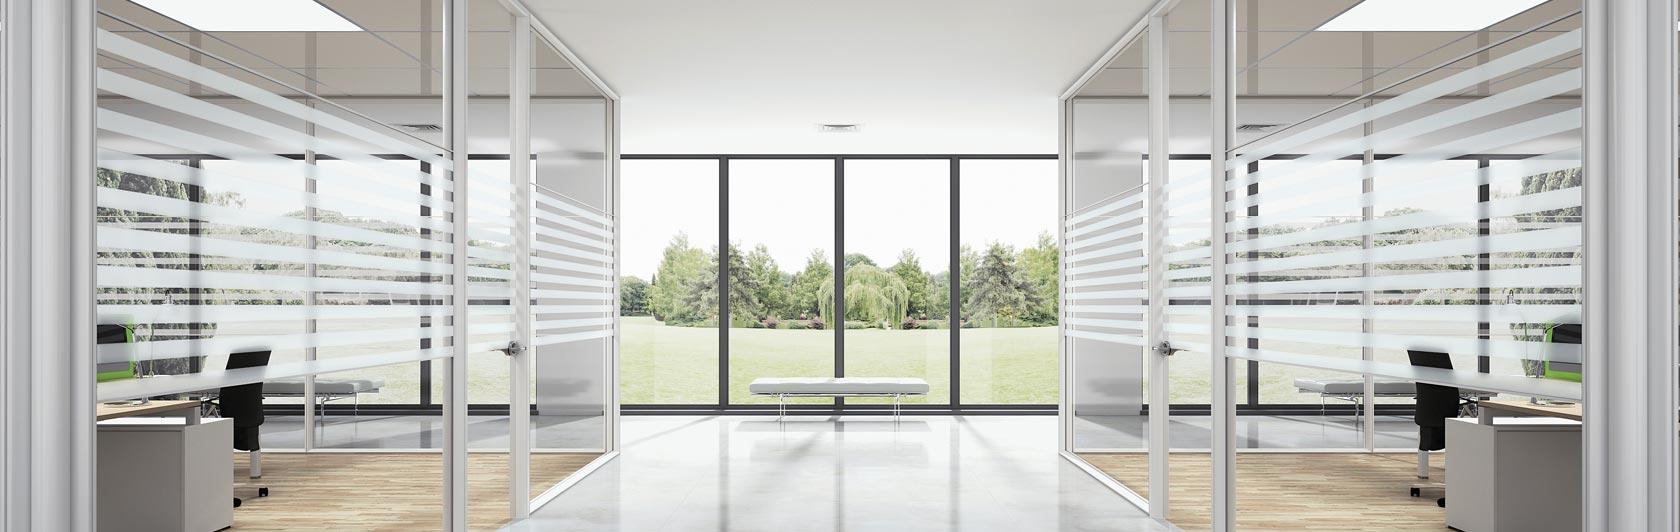 Pareti divisorie in vetro quali scegliere per il proprio for Divisori da ufficio